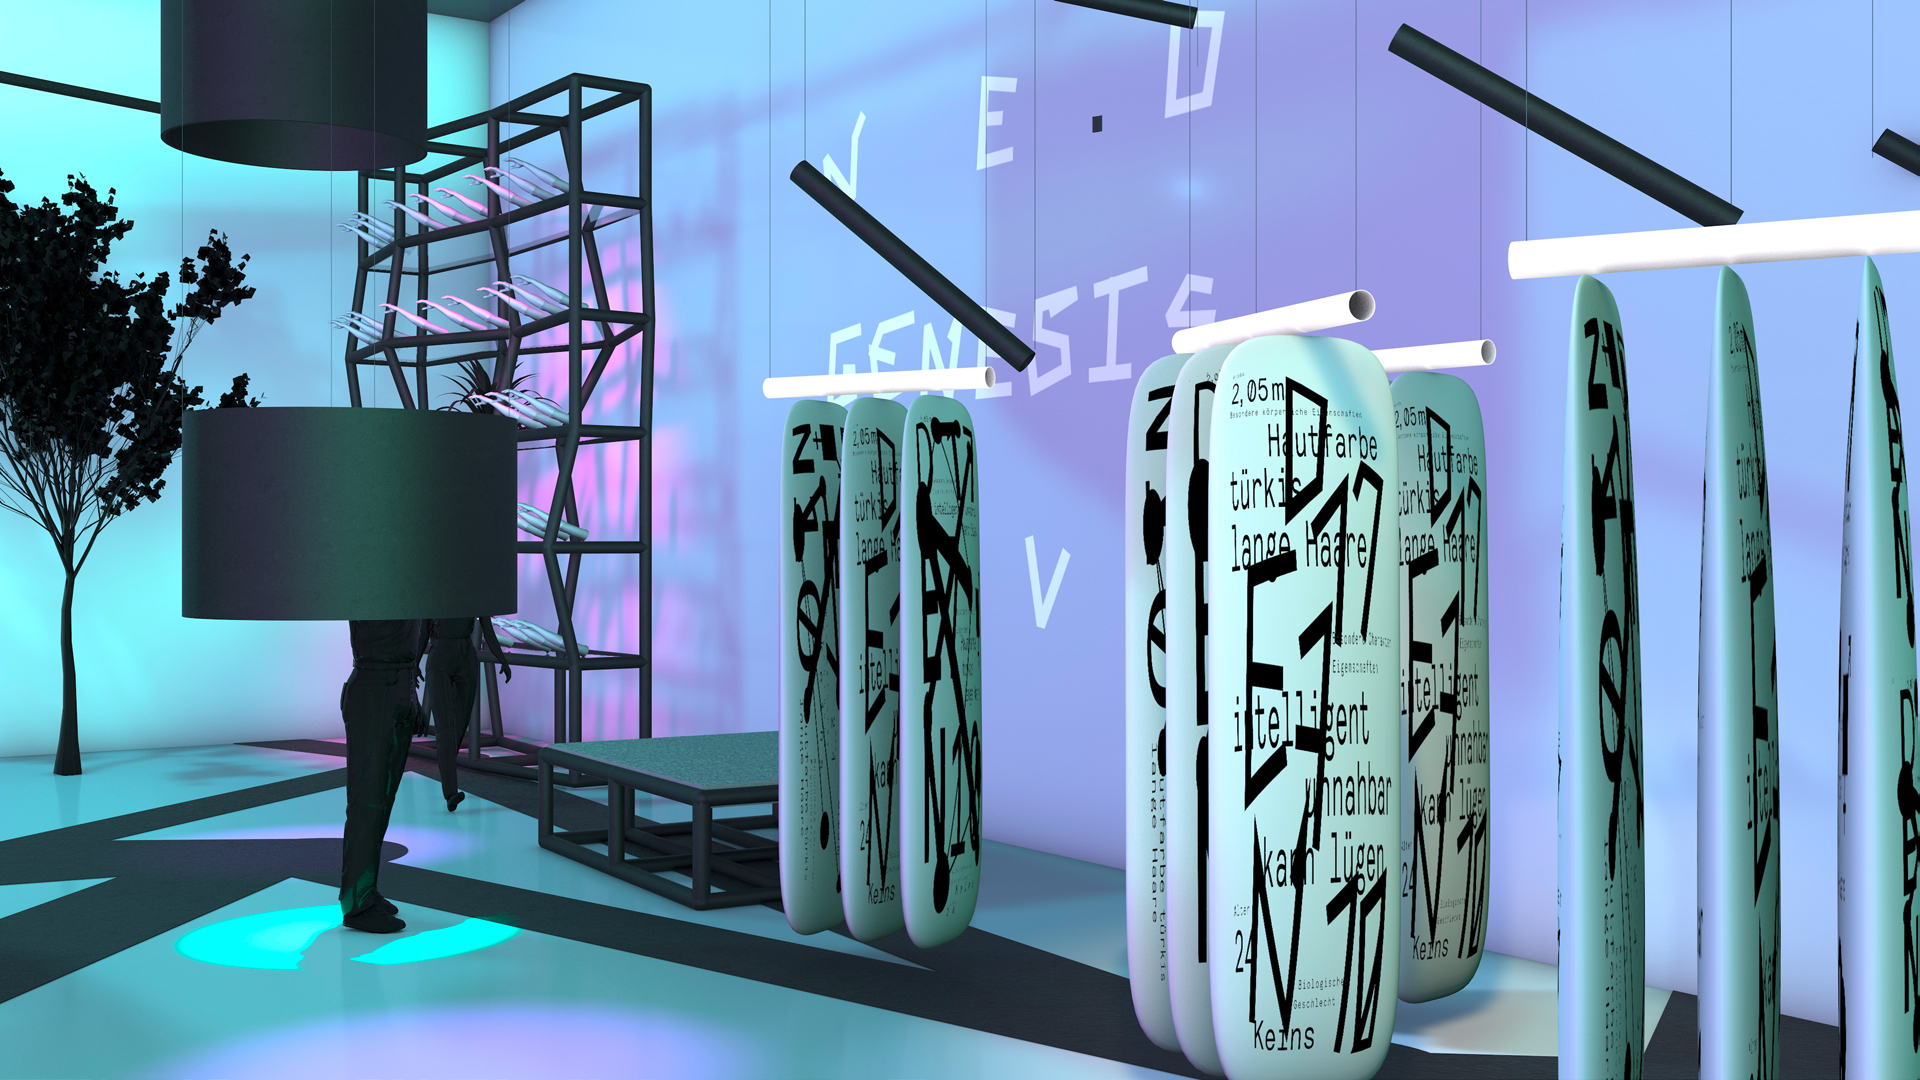 Customize your own Robot Lover Neo Genesis Love Bachelor Liebe und Sex mit Robotern Ismaël Sanou Konzept design Ausstellungsgestaltung Concept Store Museum Interaktivität